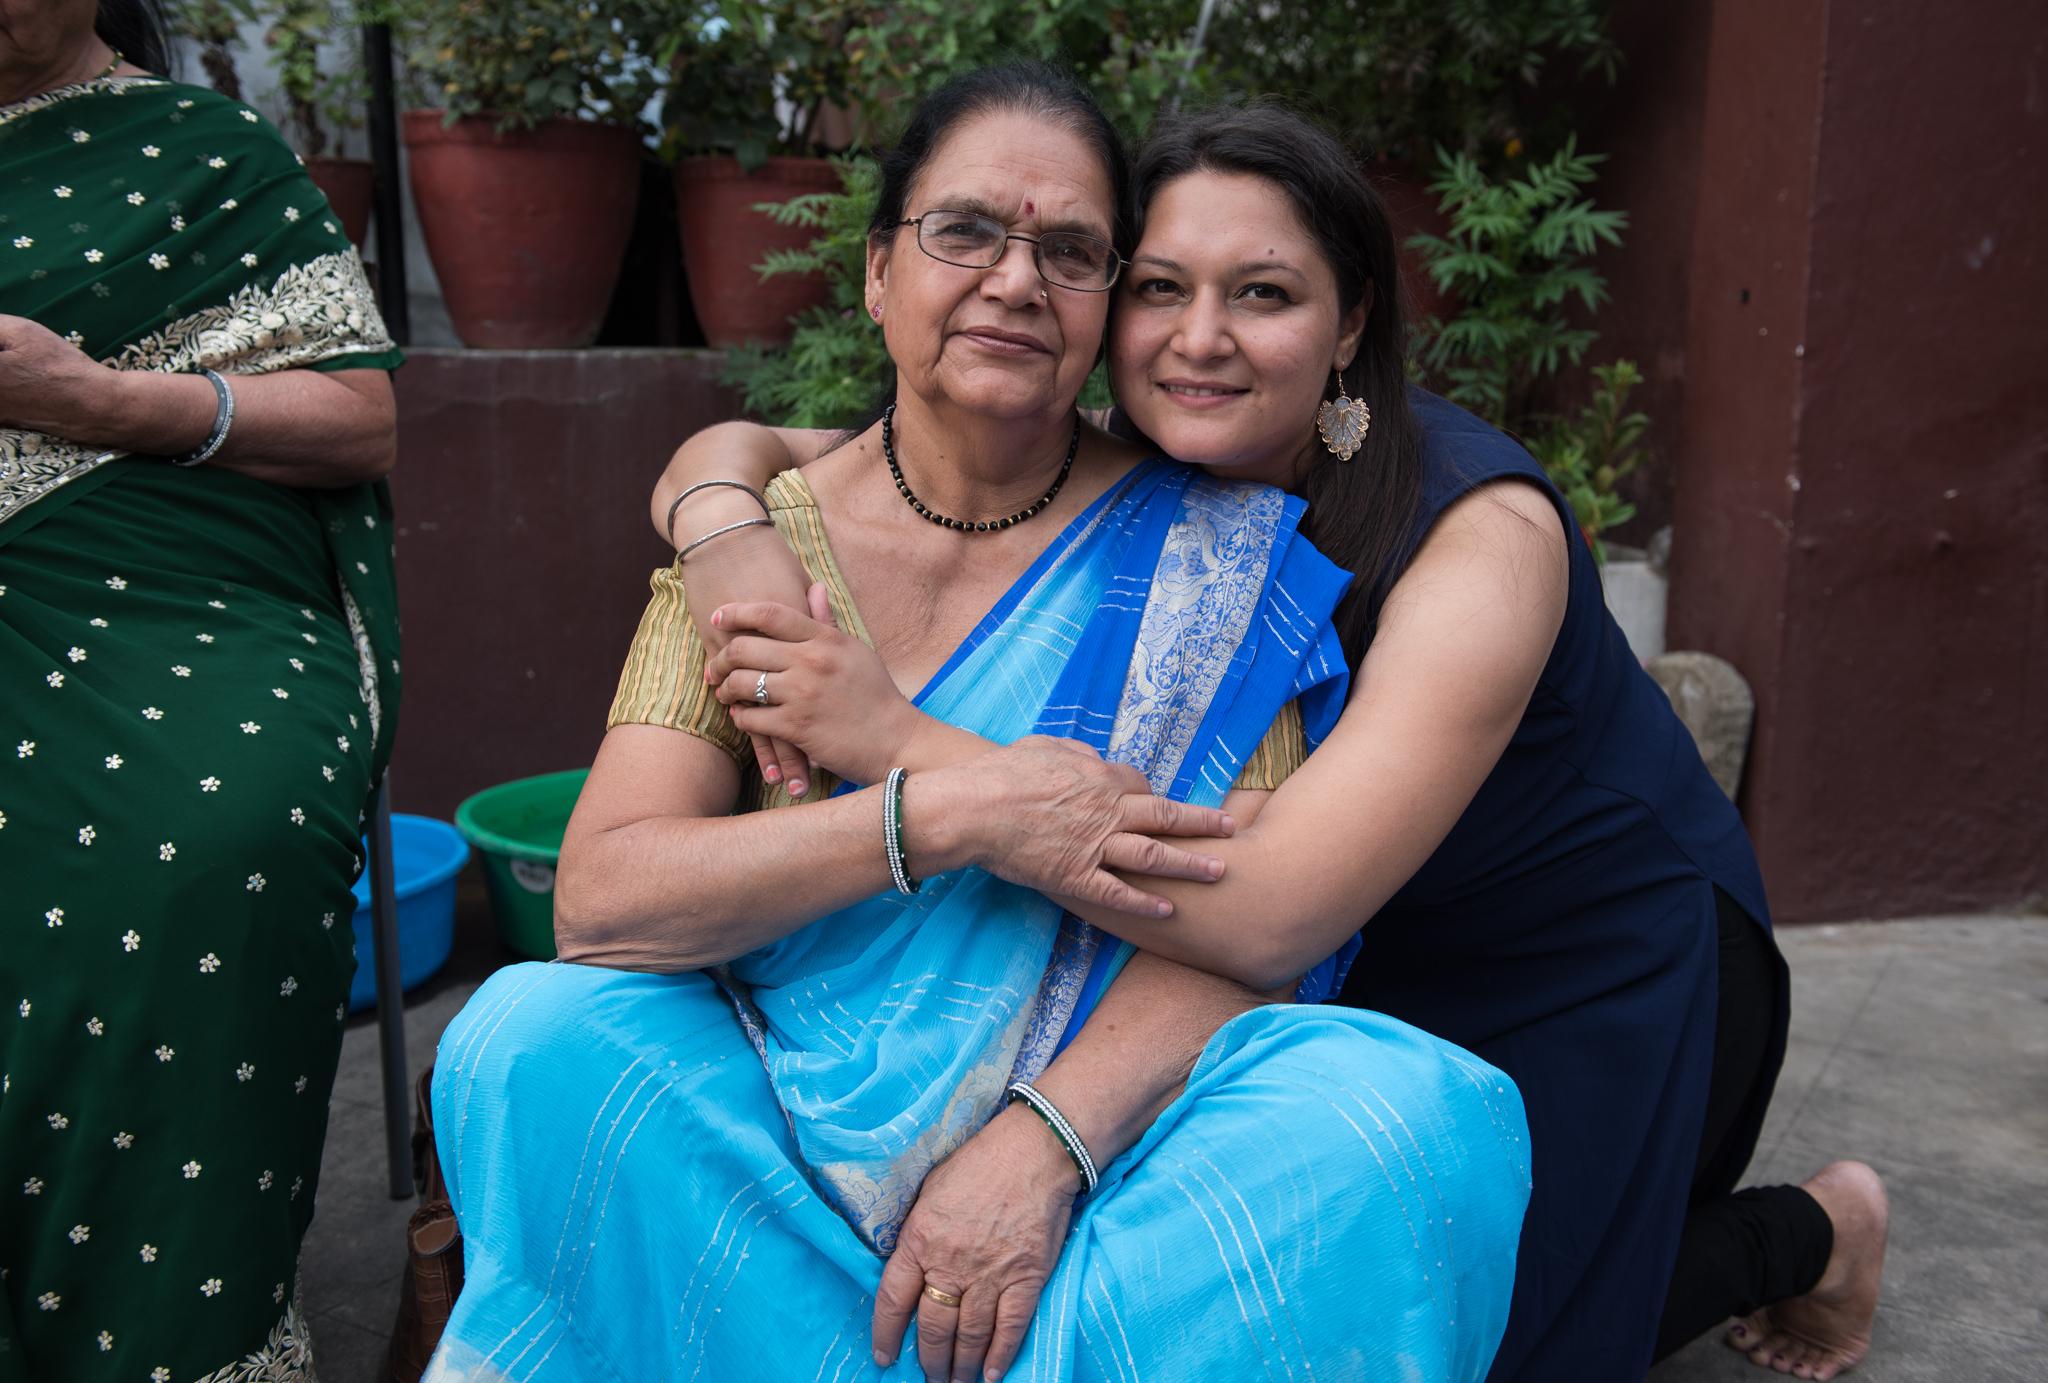 Ashmita and her grandmother.